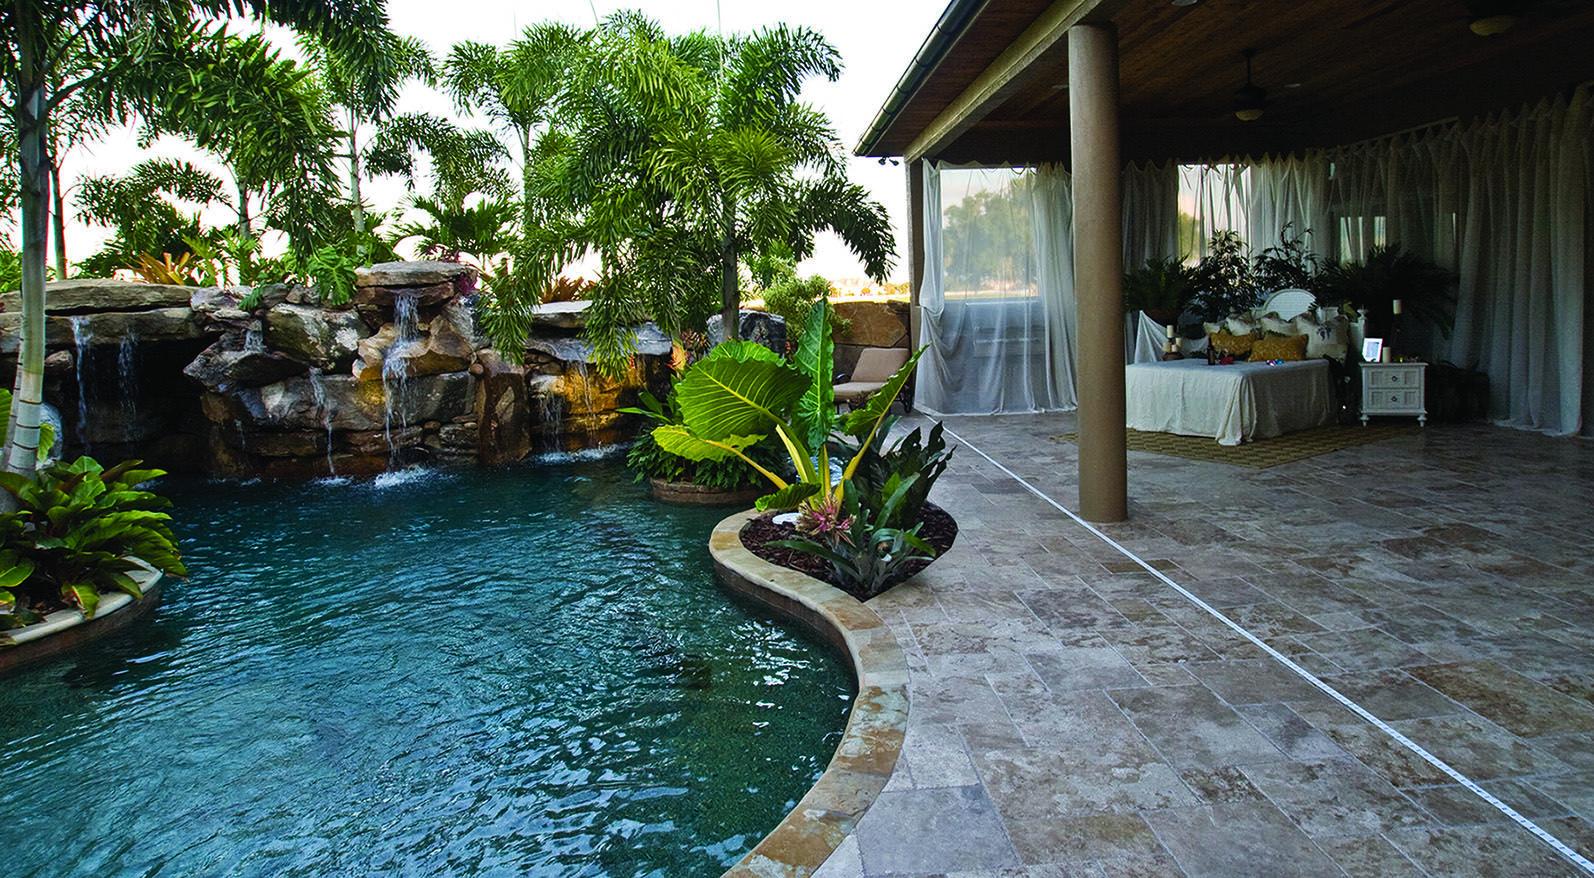 Outdoor Bedroom by Lagoon Pool | Bedroom Designs | Pinterest ...